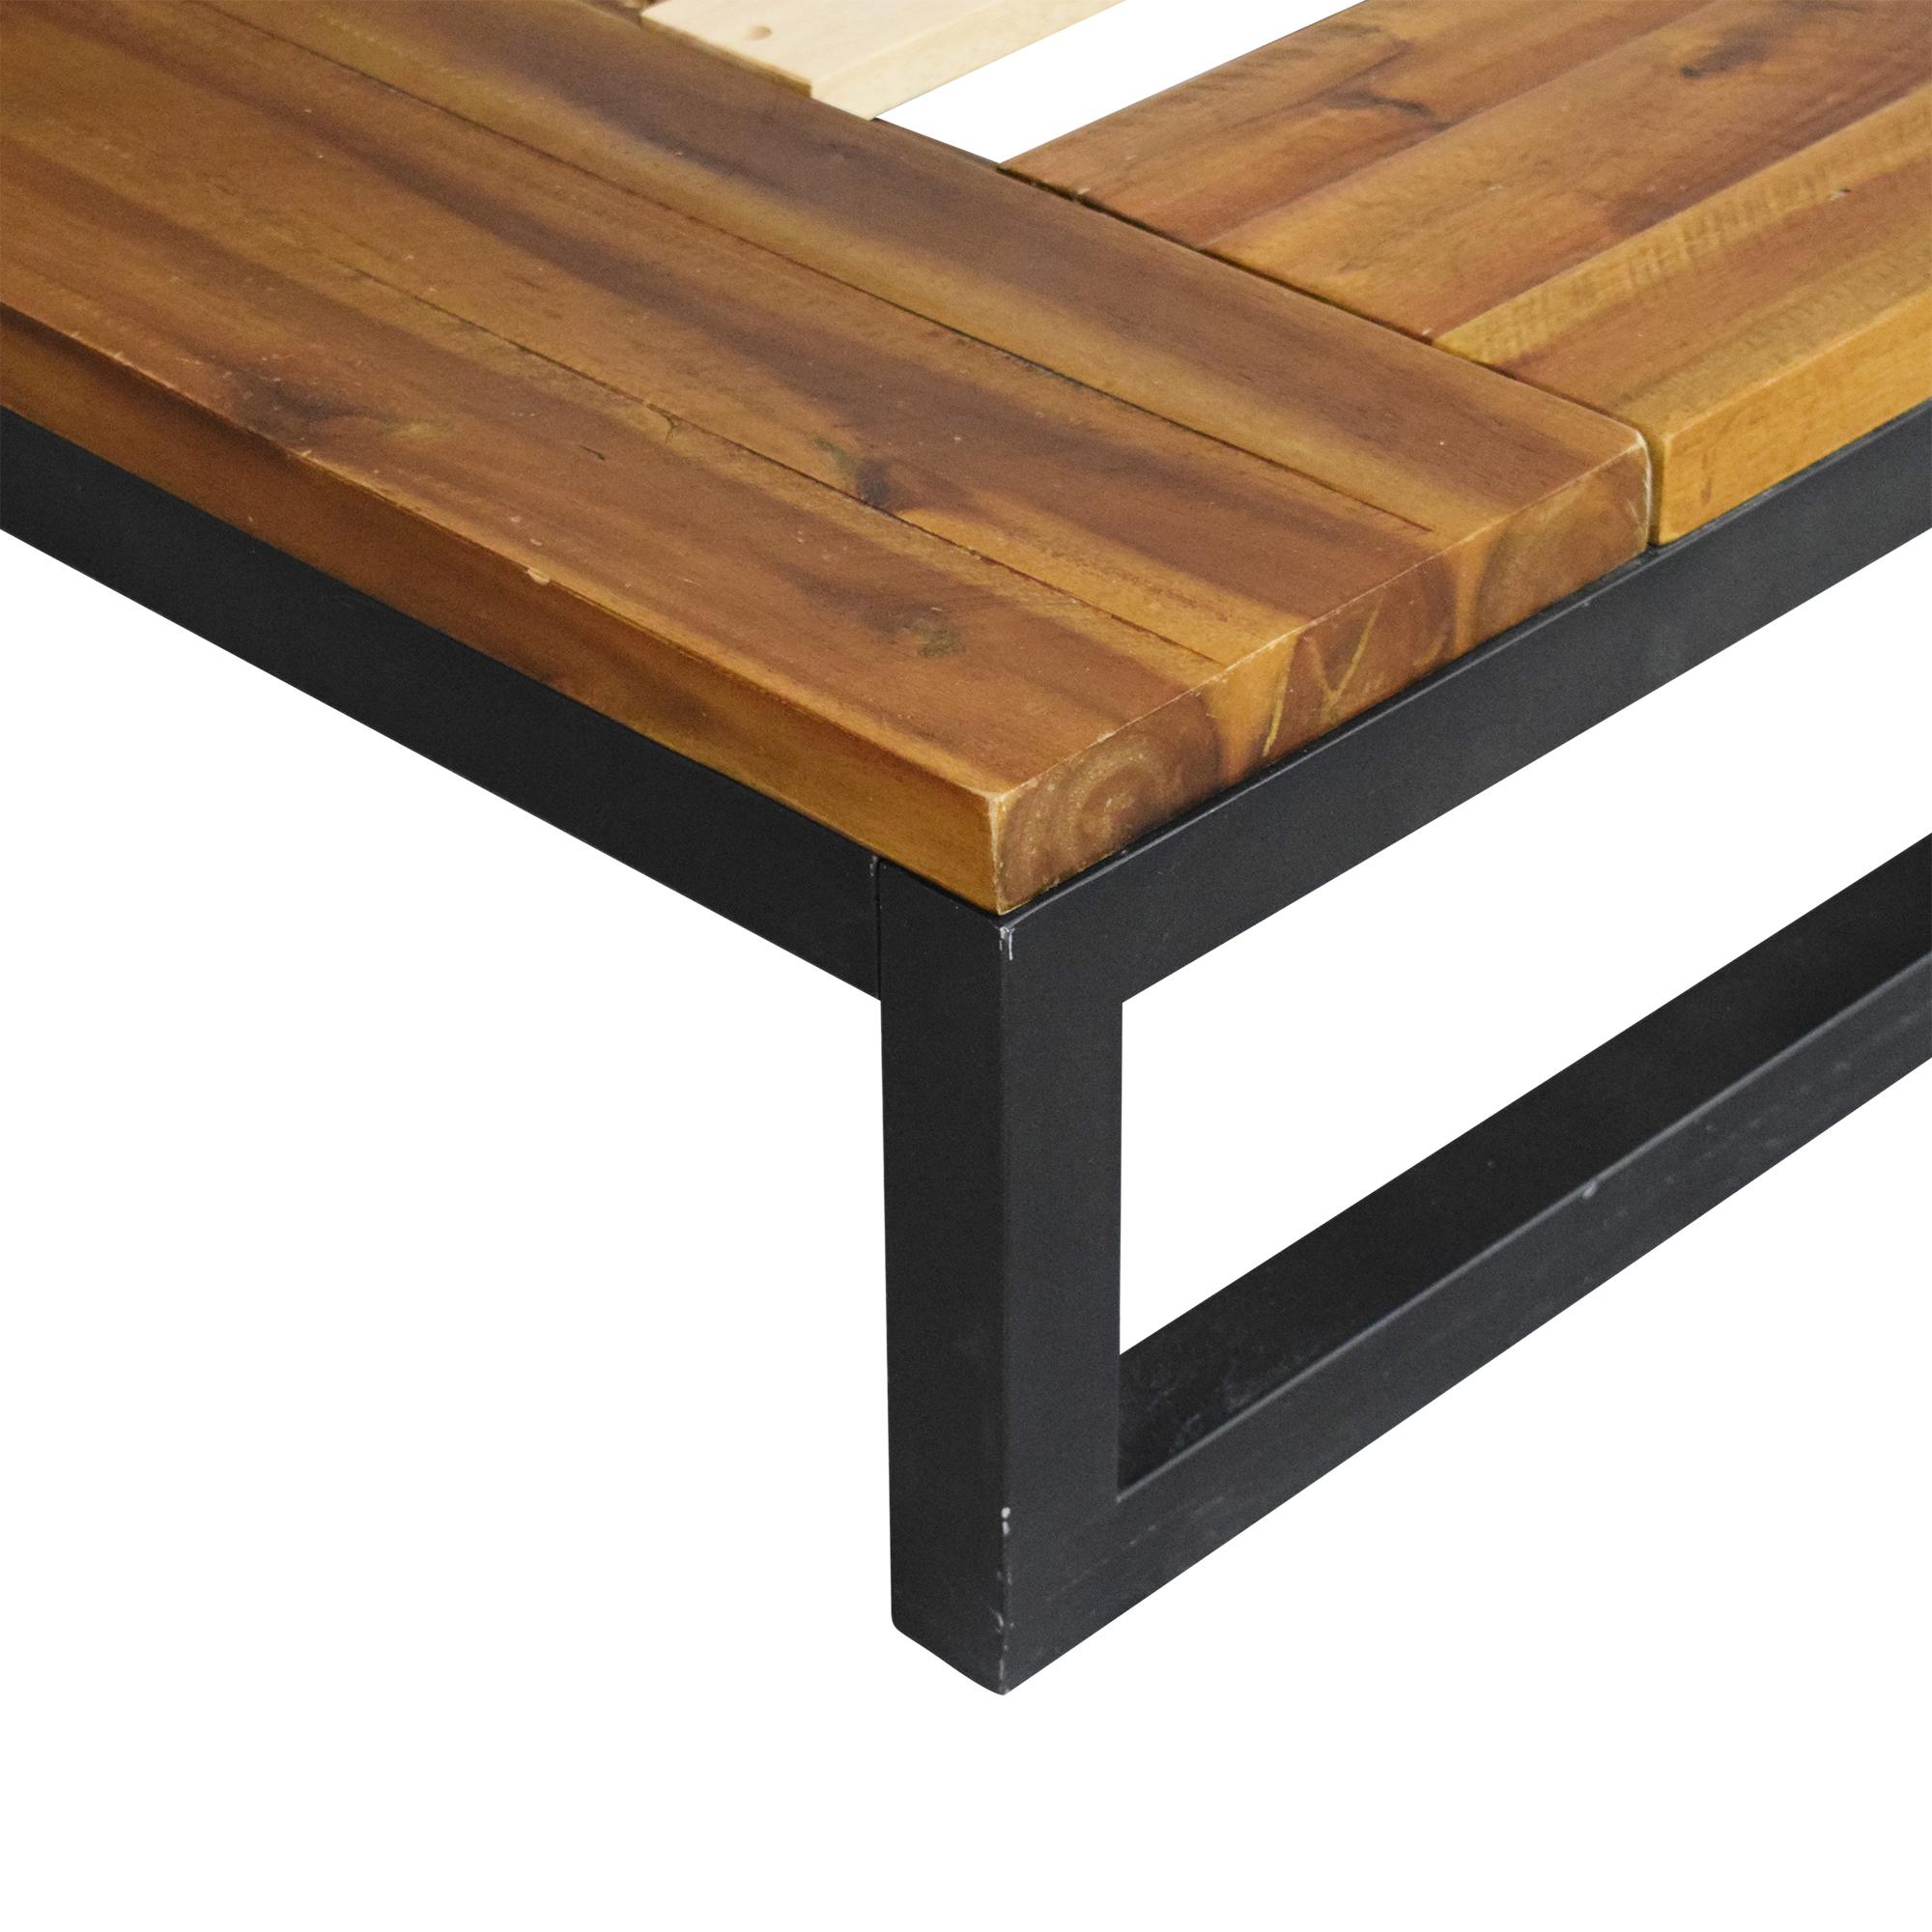 West Elm Logan Industrial Platform Bed / Beds